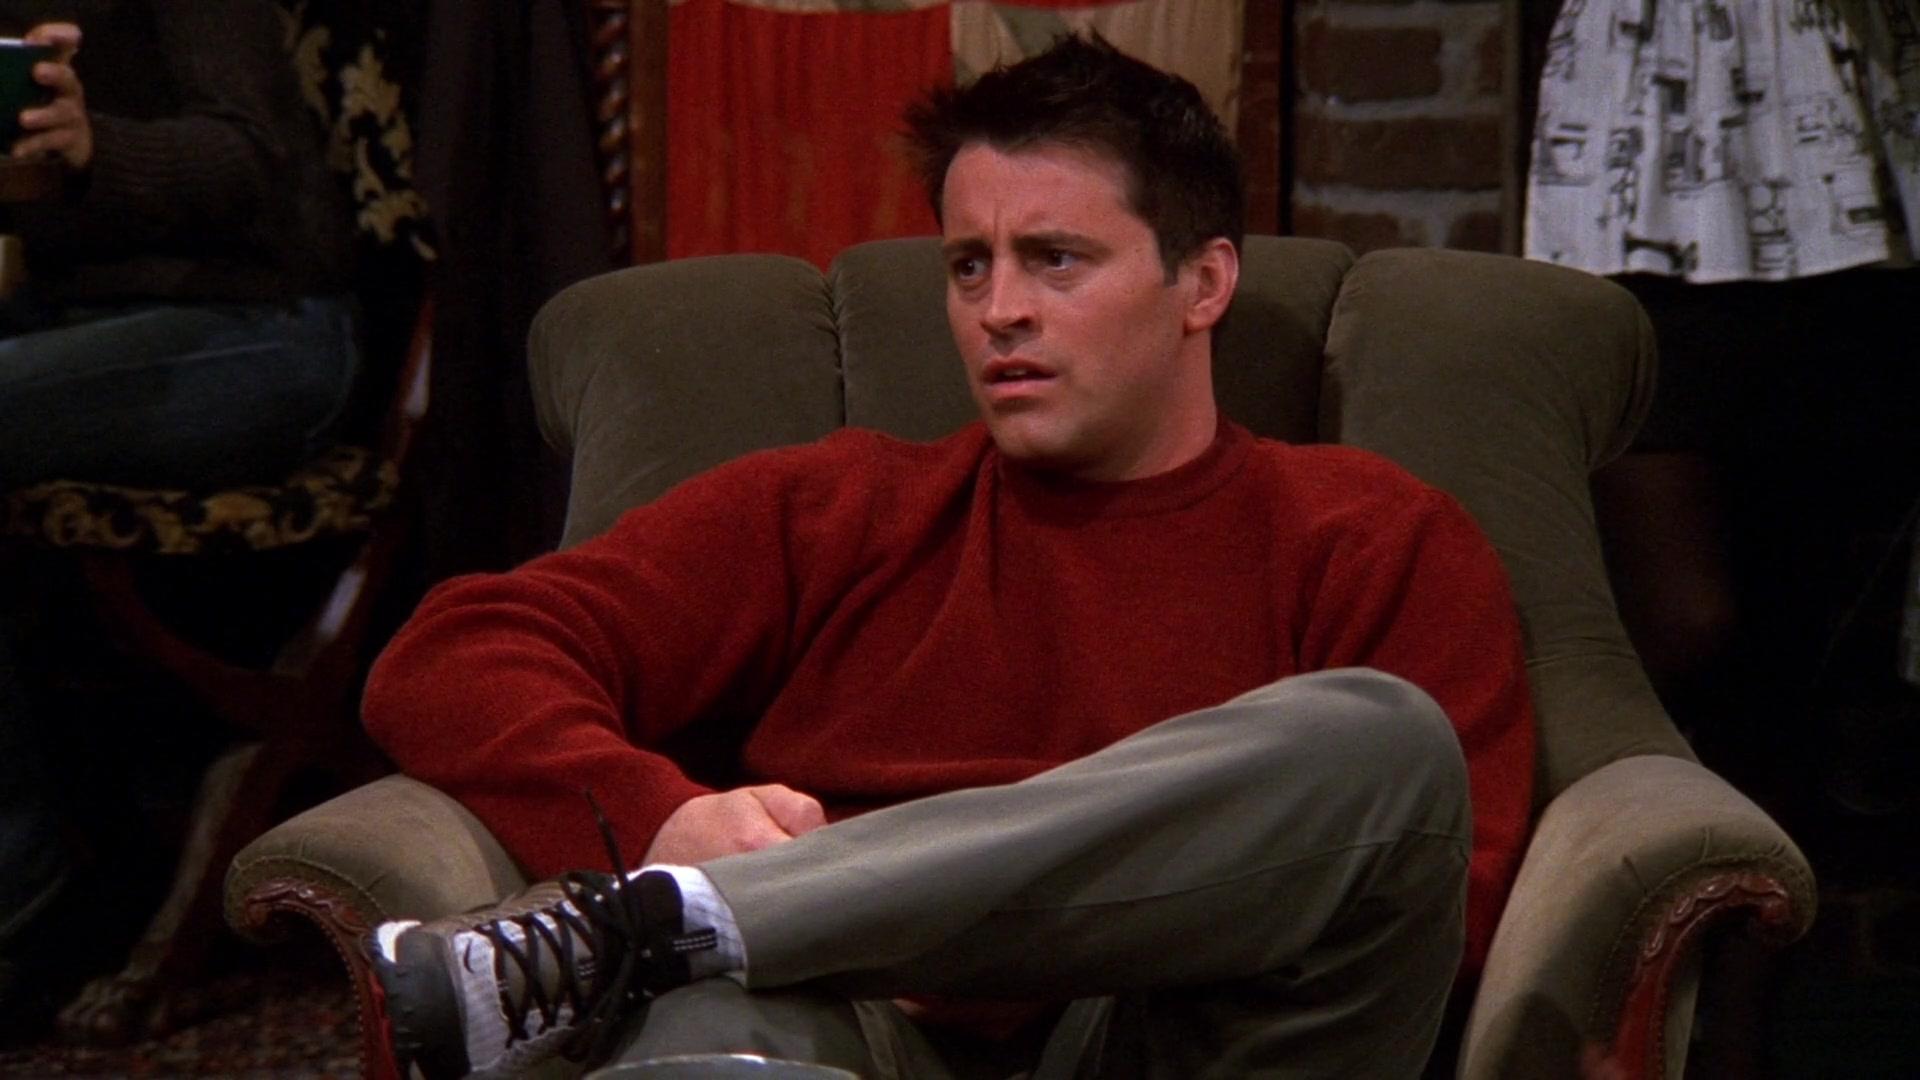 Nike Sneakers Worn by Matt LeBlanc (Joey Tribbiani) in Friends